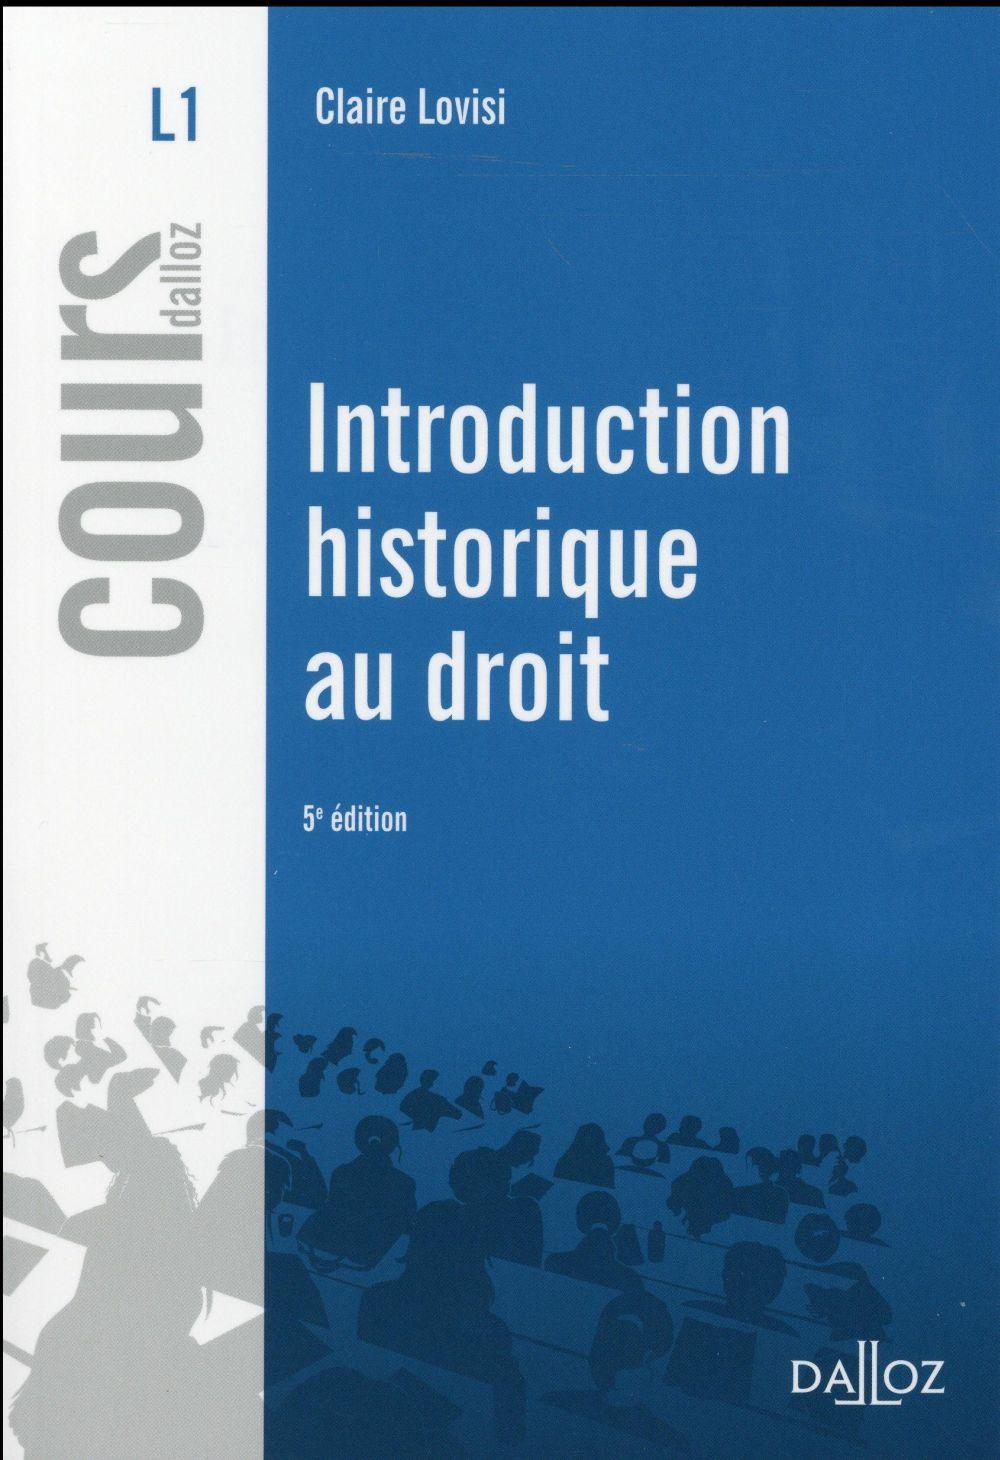 Introduction historique au droit (5e édition)